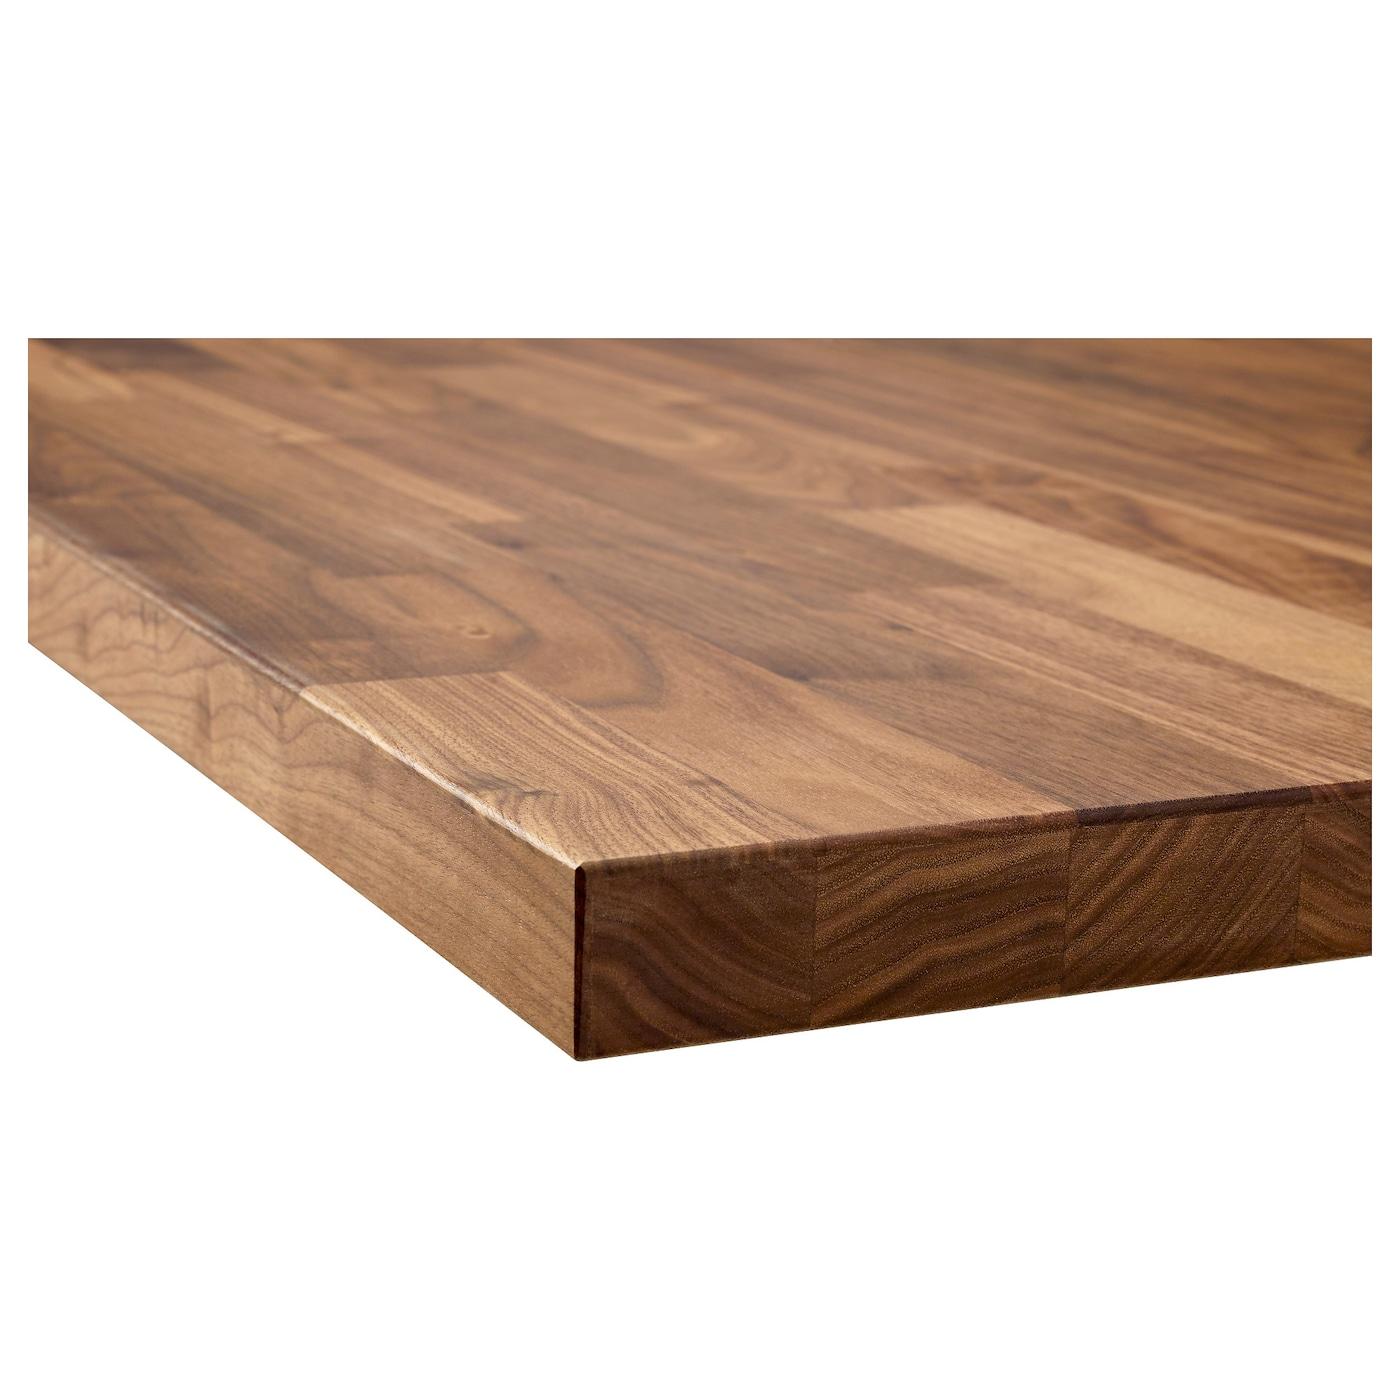 KARLBY Benkeplate, valnøtt/finer, 246x3.8 cm